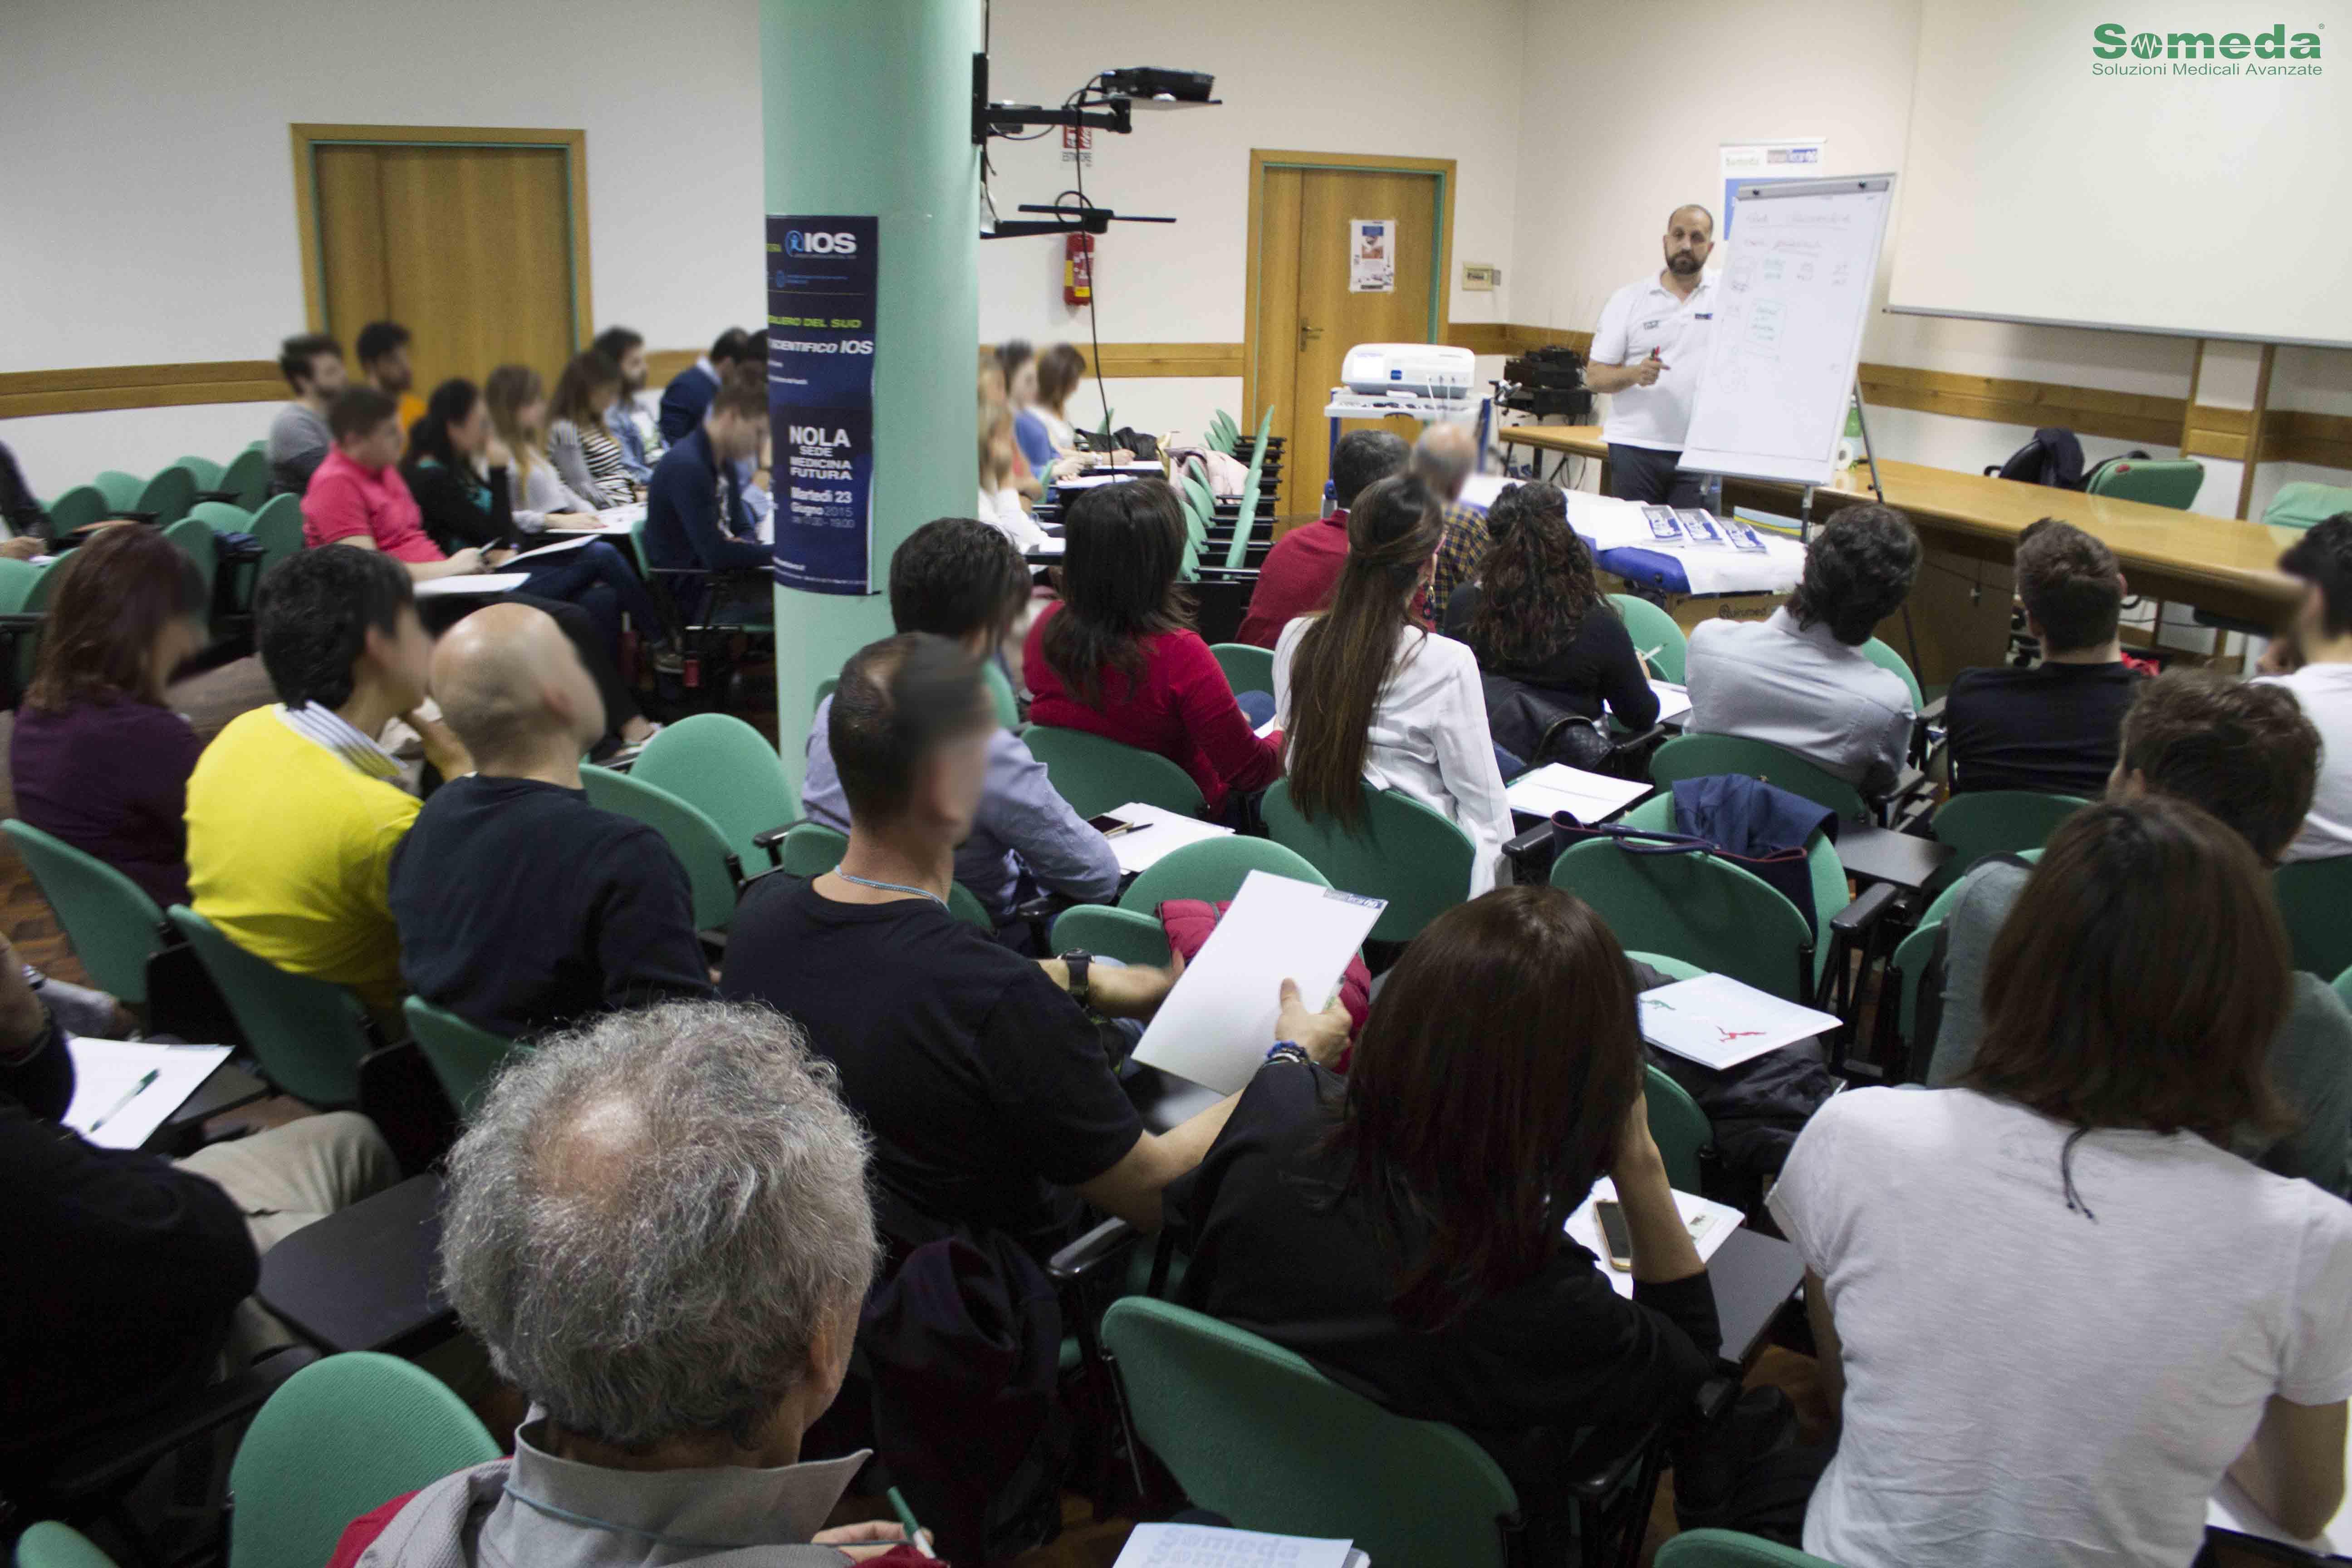 corso formazione tecarterapia 2019 2